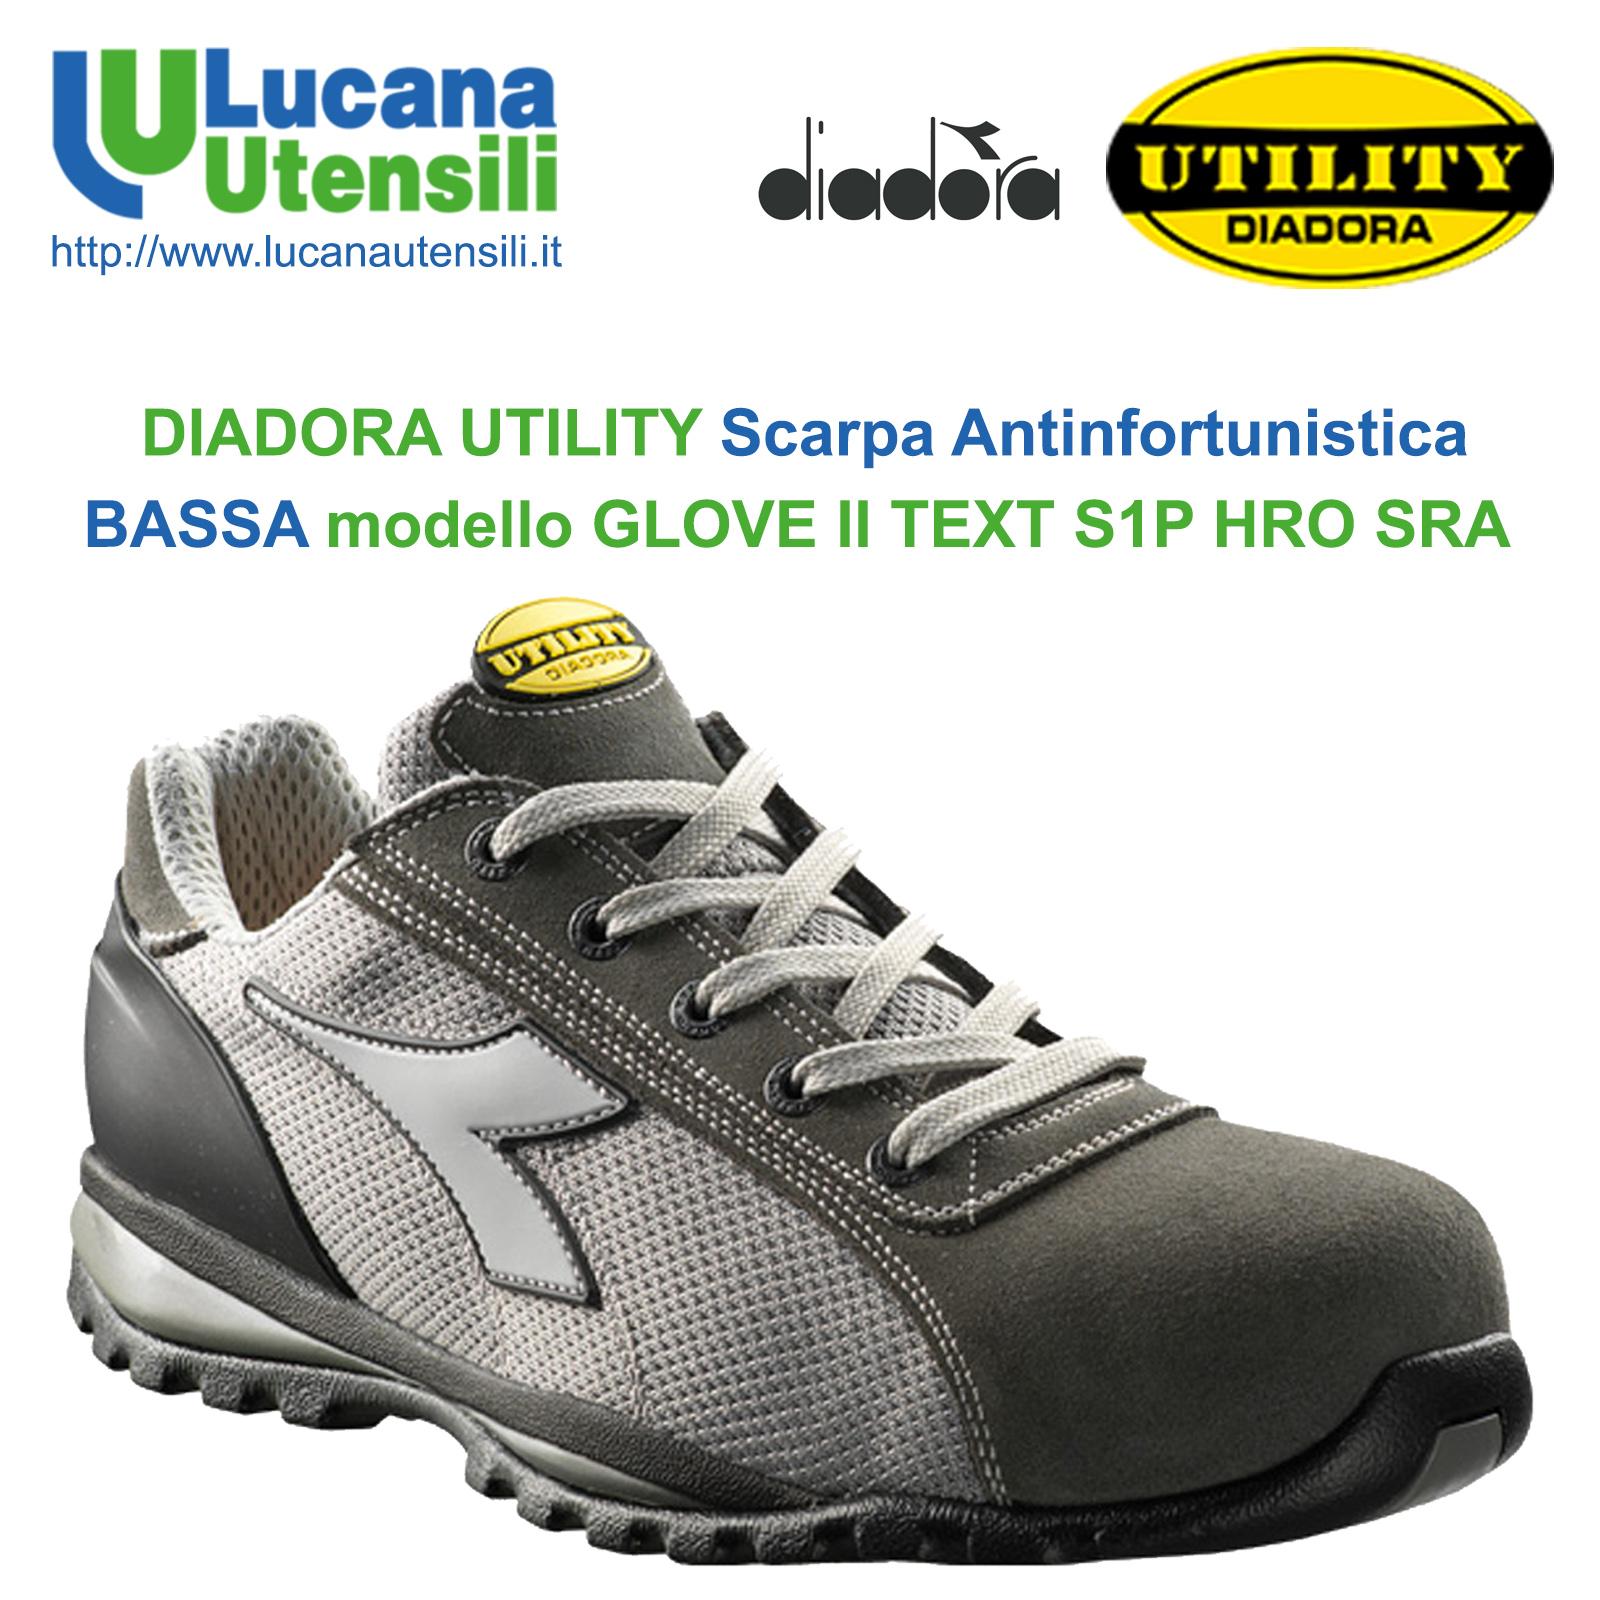 Online Vendita Acquista Scarpe Antinfortunistiche Off55 Diadora wqq4zTIx